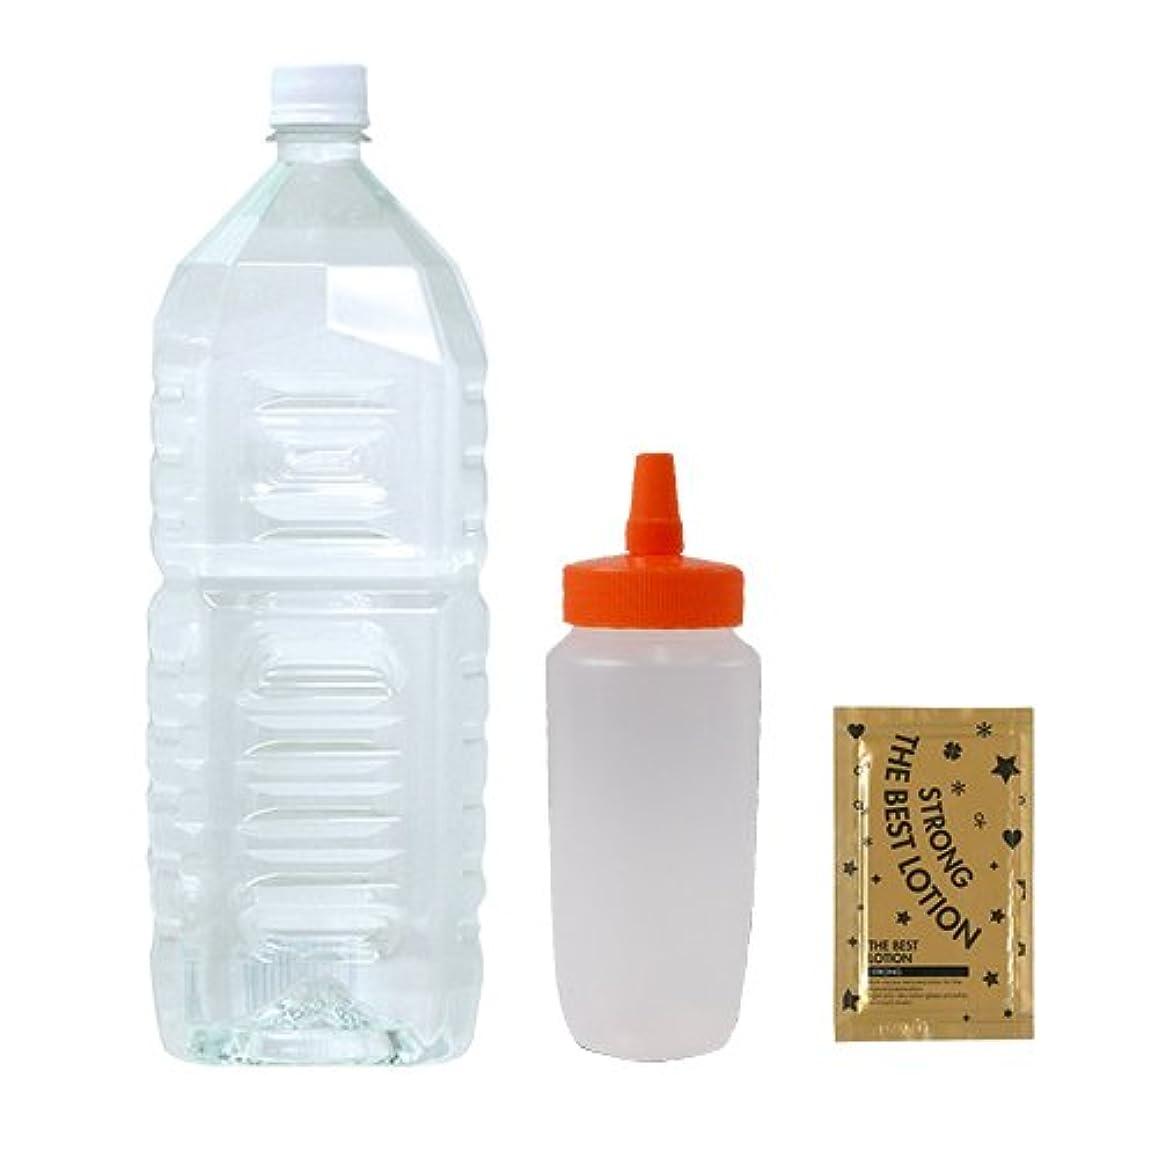 教養があるラグ印をつけるクリアローション 2Lペットボトル ハードタイプ(5倍濃縮原液)+ はちみつ容器360ml(オレンジキャップ)+ ベストローションストロング 1包付き セット